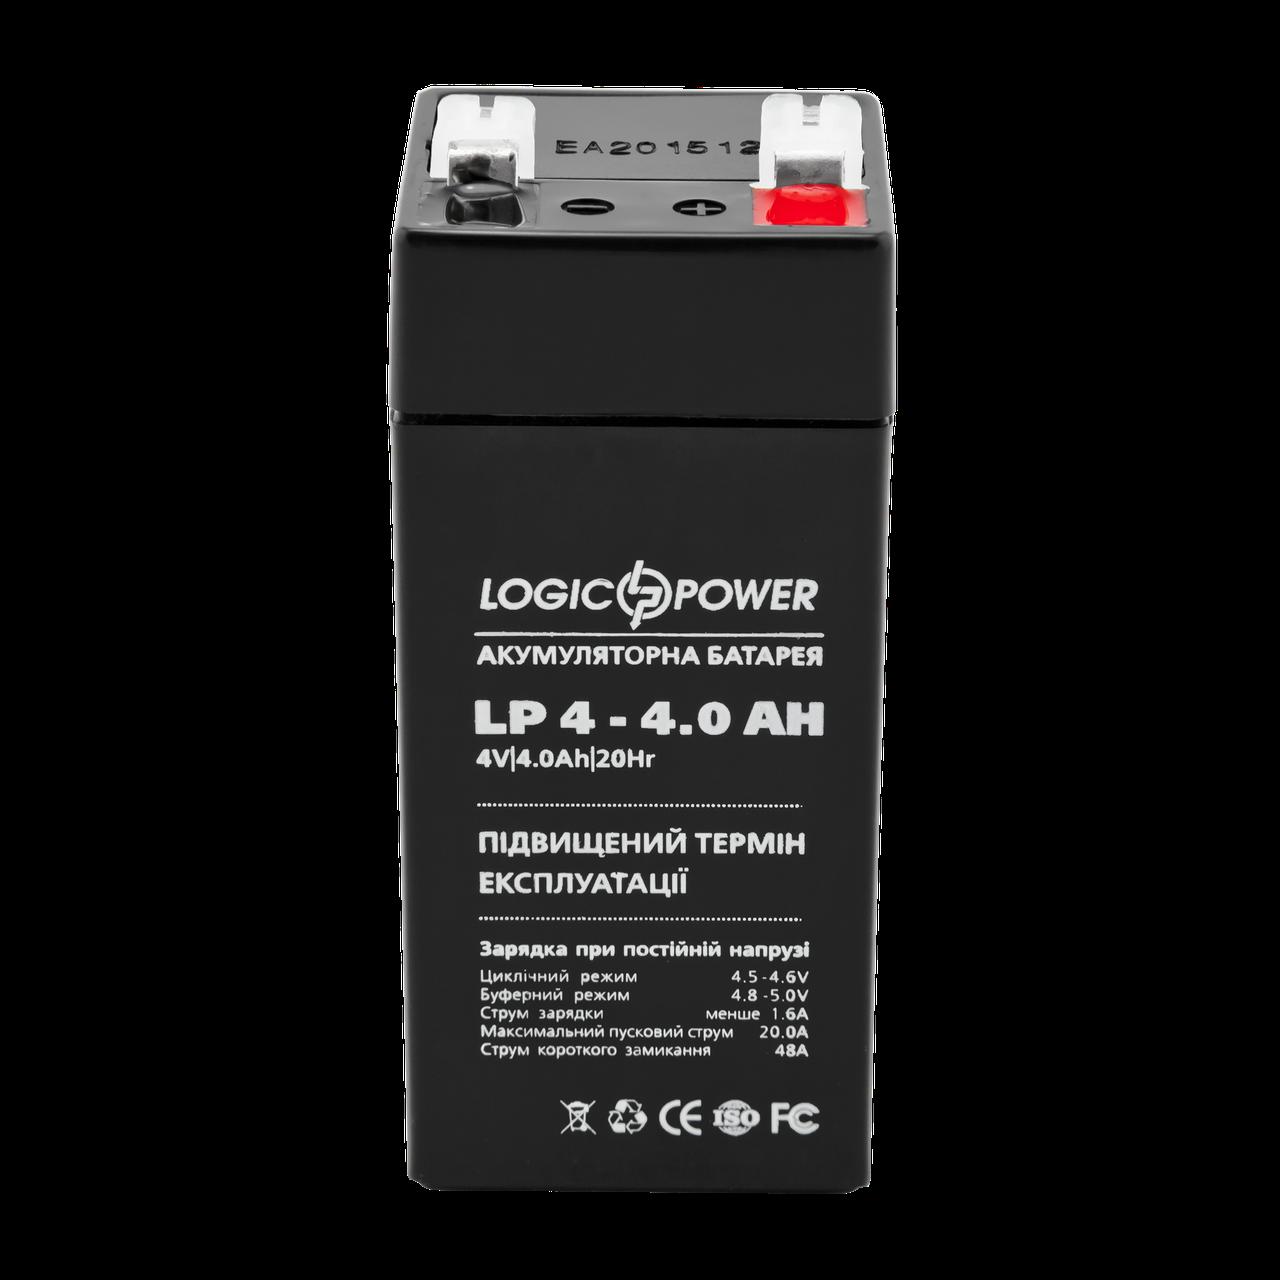 """Кислотно-свинцовый аккумулятор  LogicPower AGM LP 4v-4a AH - """"Батарейкин"""" В Мире цифровой электроники! в Херсонской области"""